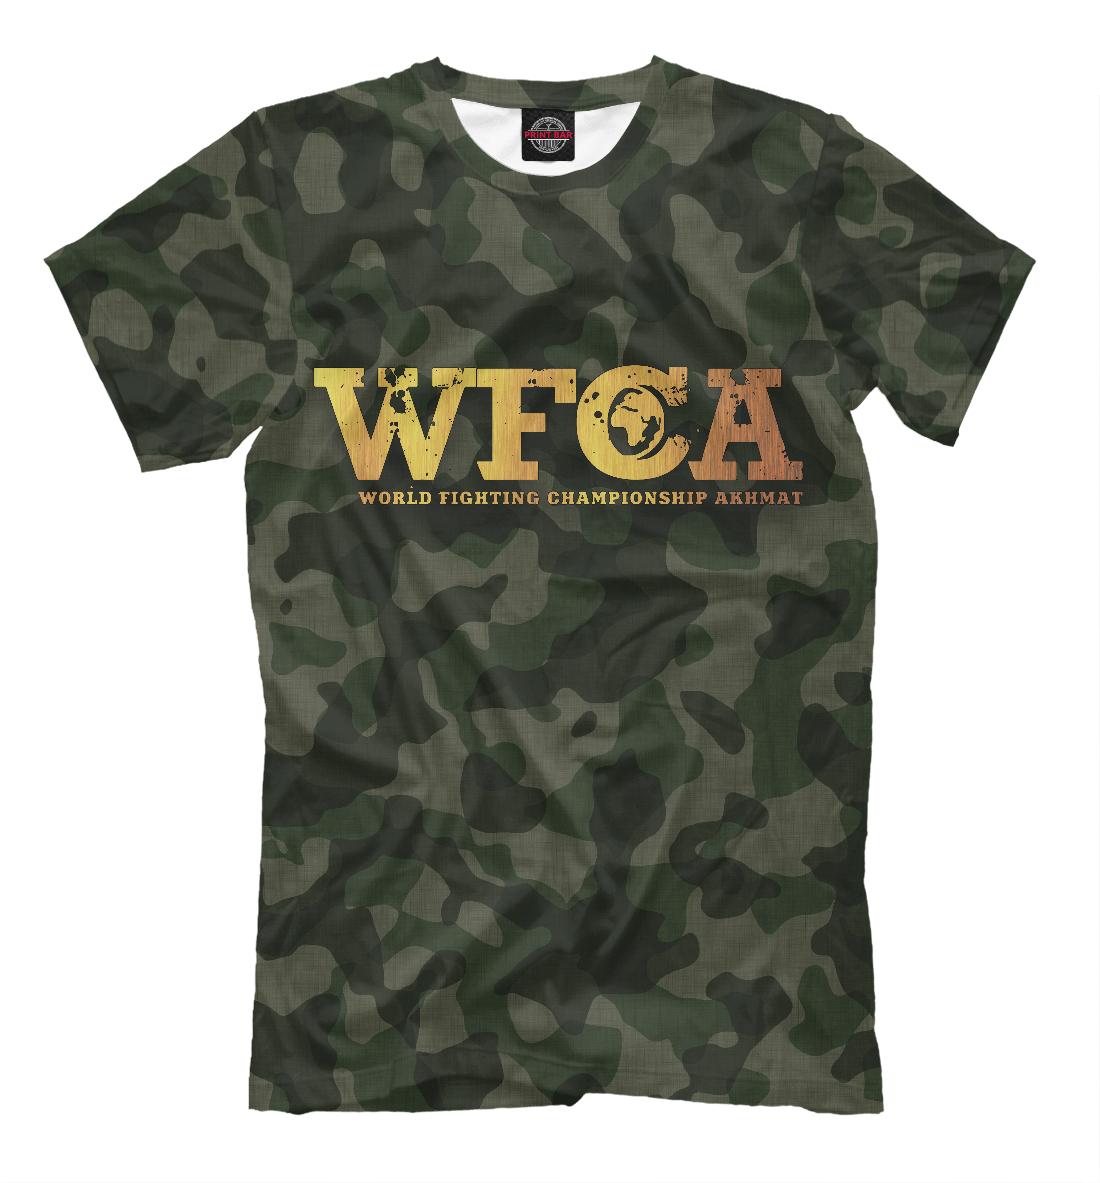 Купить АХМАТ WFCA, Printbar, Футболки, AFC-819905-fut-2